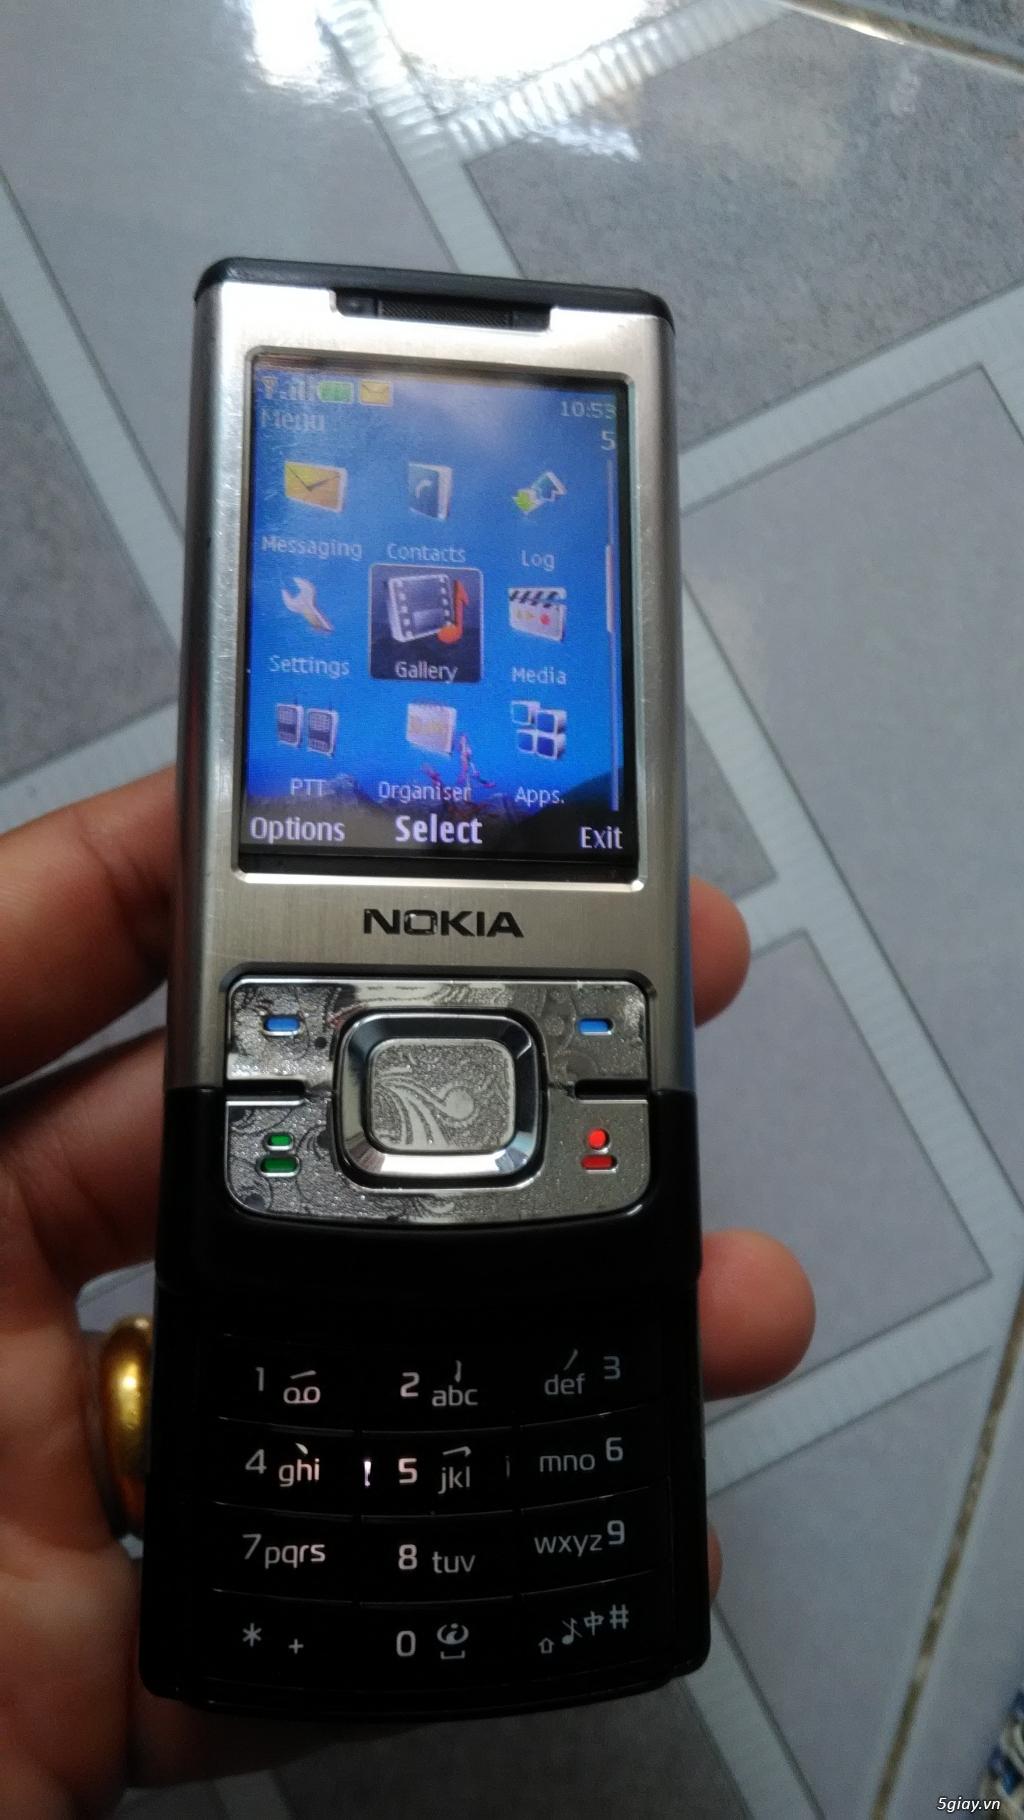 6500c mobiado canada. 6500s vodafone.iphone 5s TGDD giao lưu - 7